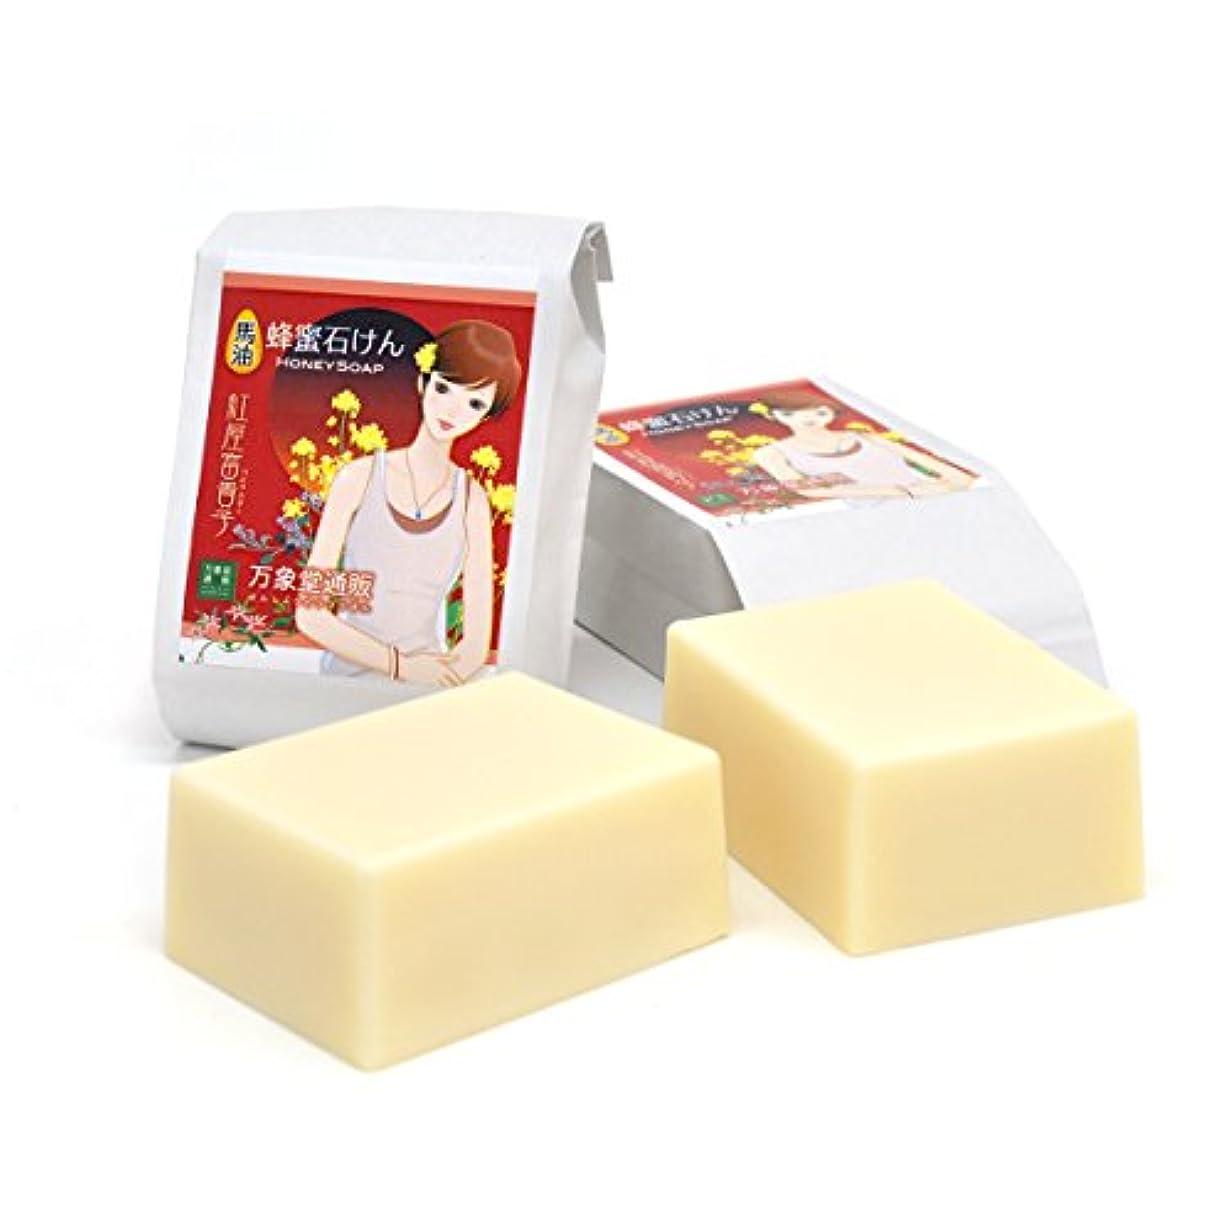 開いた噂長いです森羅万象堂 馬油石鹸 90g×2個 (国産)熊本県産 国産蜂蜜配合